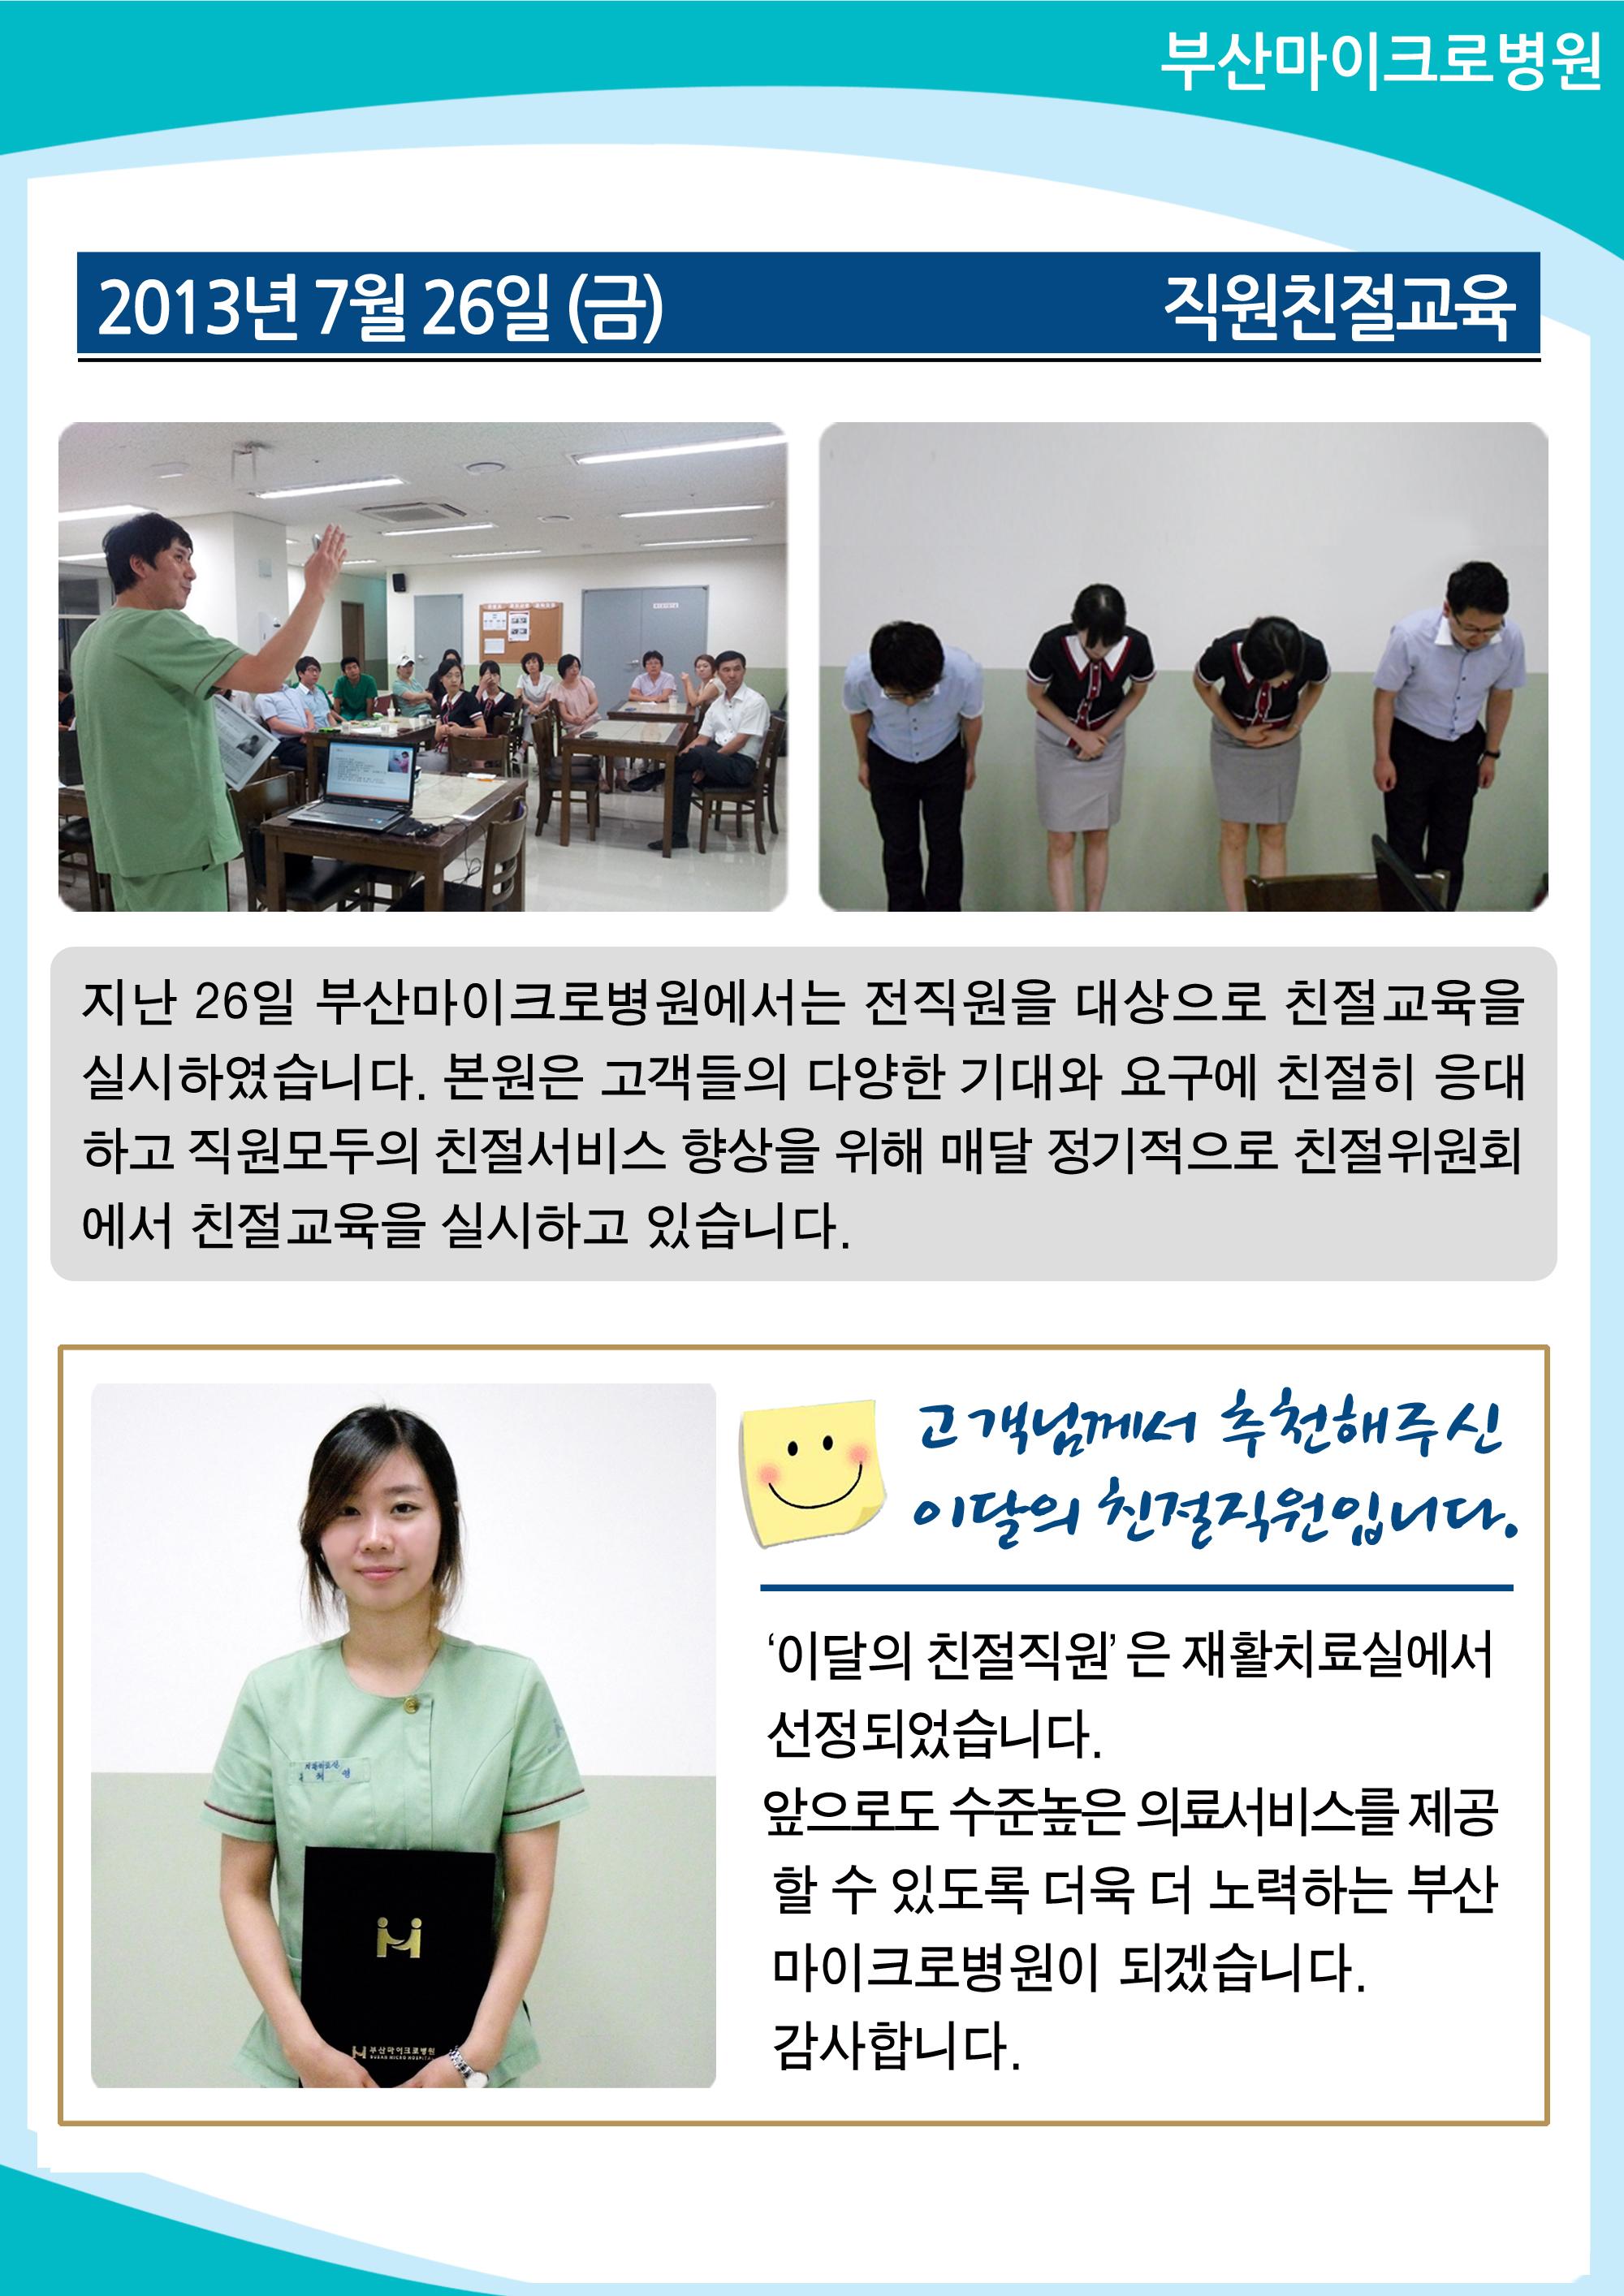 [2013.07] 직원친절교육